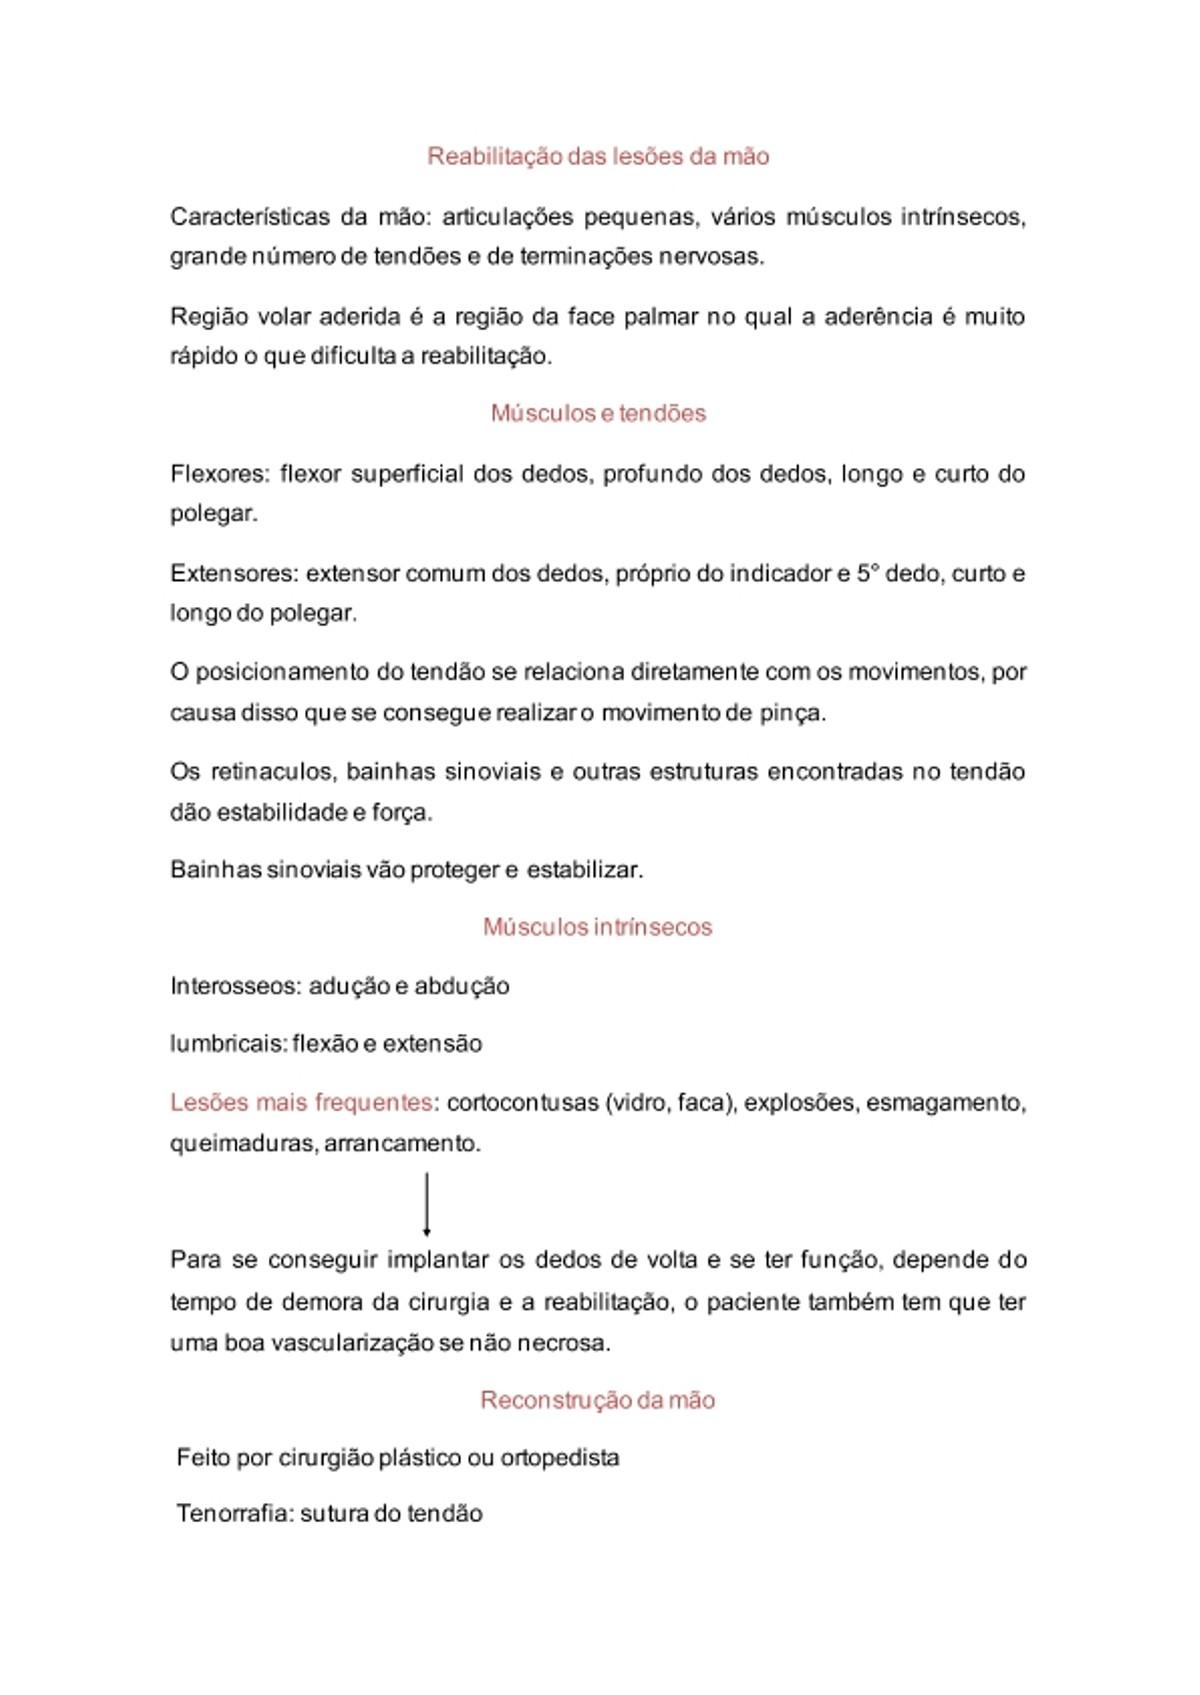 Pre-visualização do material Reabilitação das lesões da mão - página 1